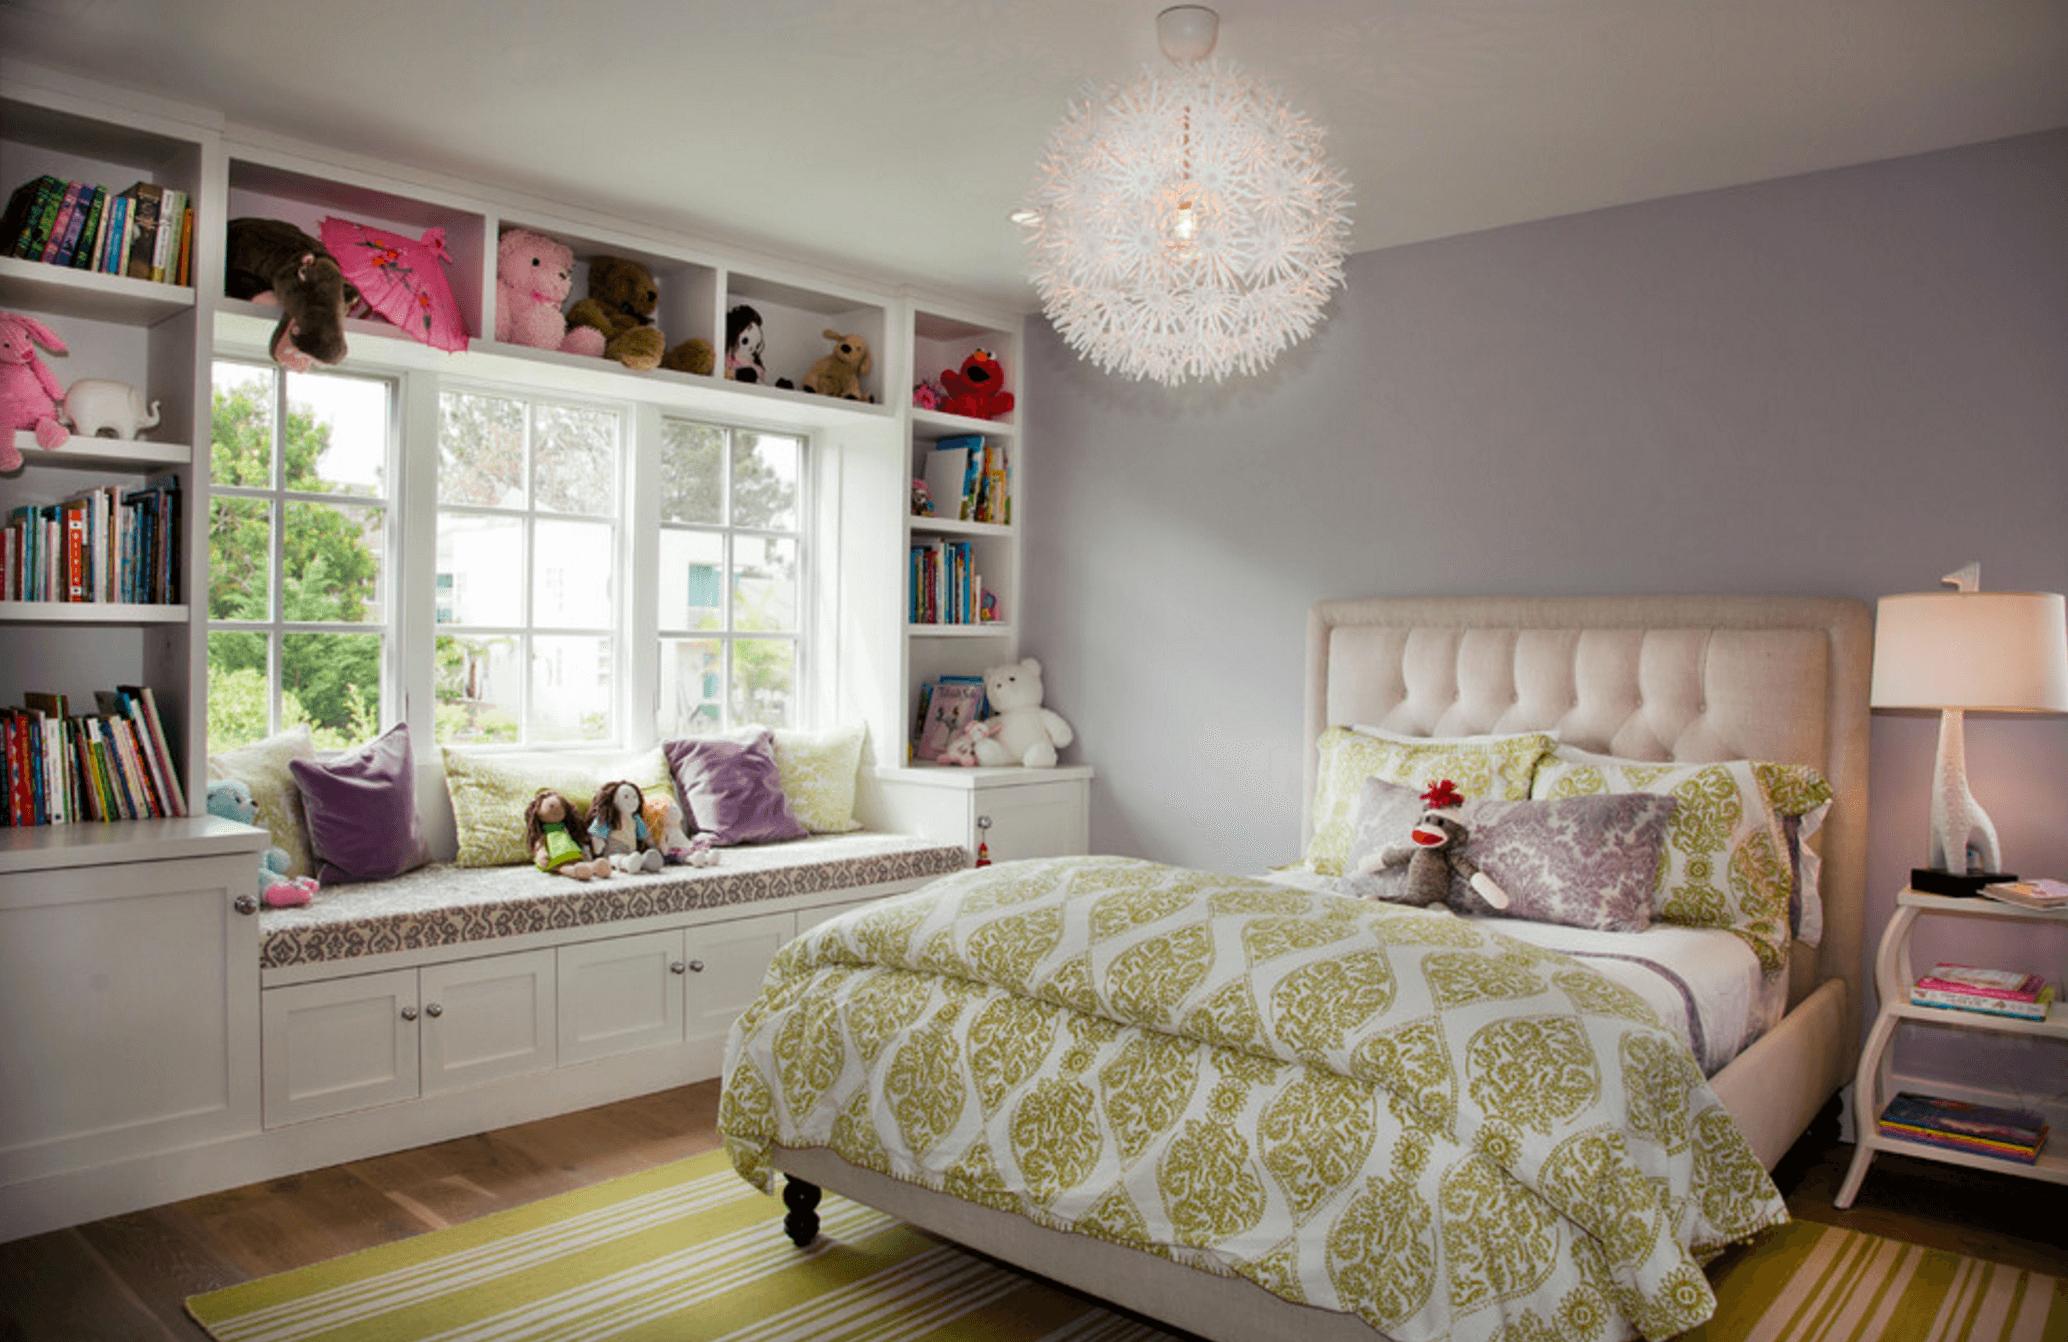 Muôn vàn kiểu trang trí phòng ngủ dễ thương cho những cô nàng tuổi teen